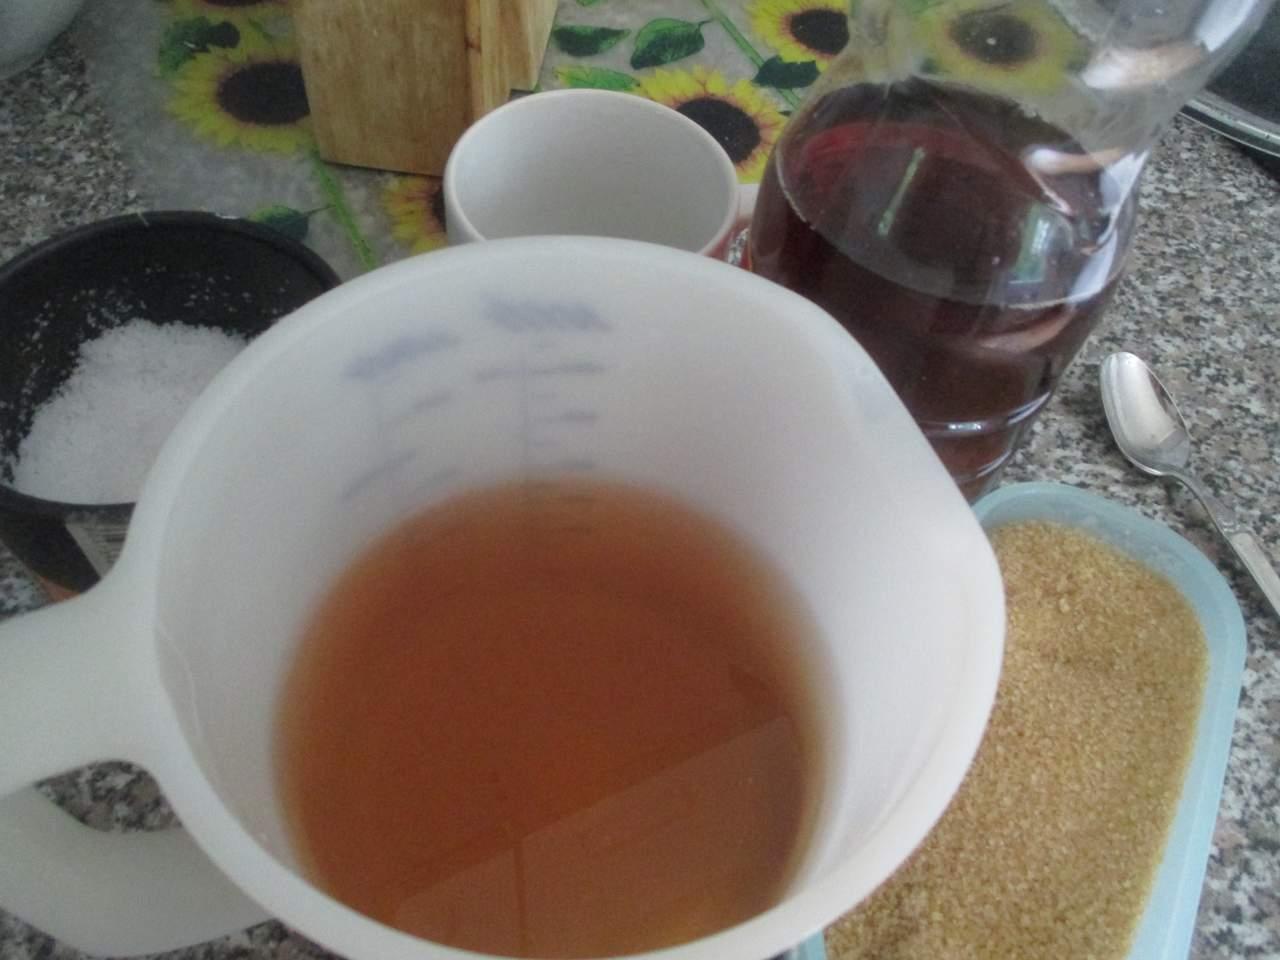 Sud Zutaten: Wasser, Traubenessig, Zucker, Salz